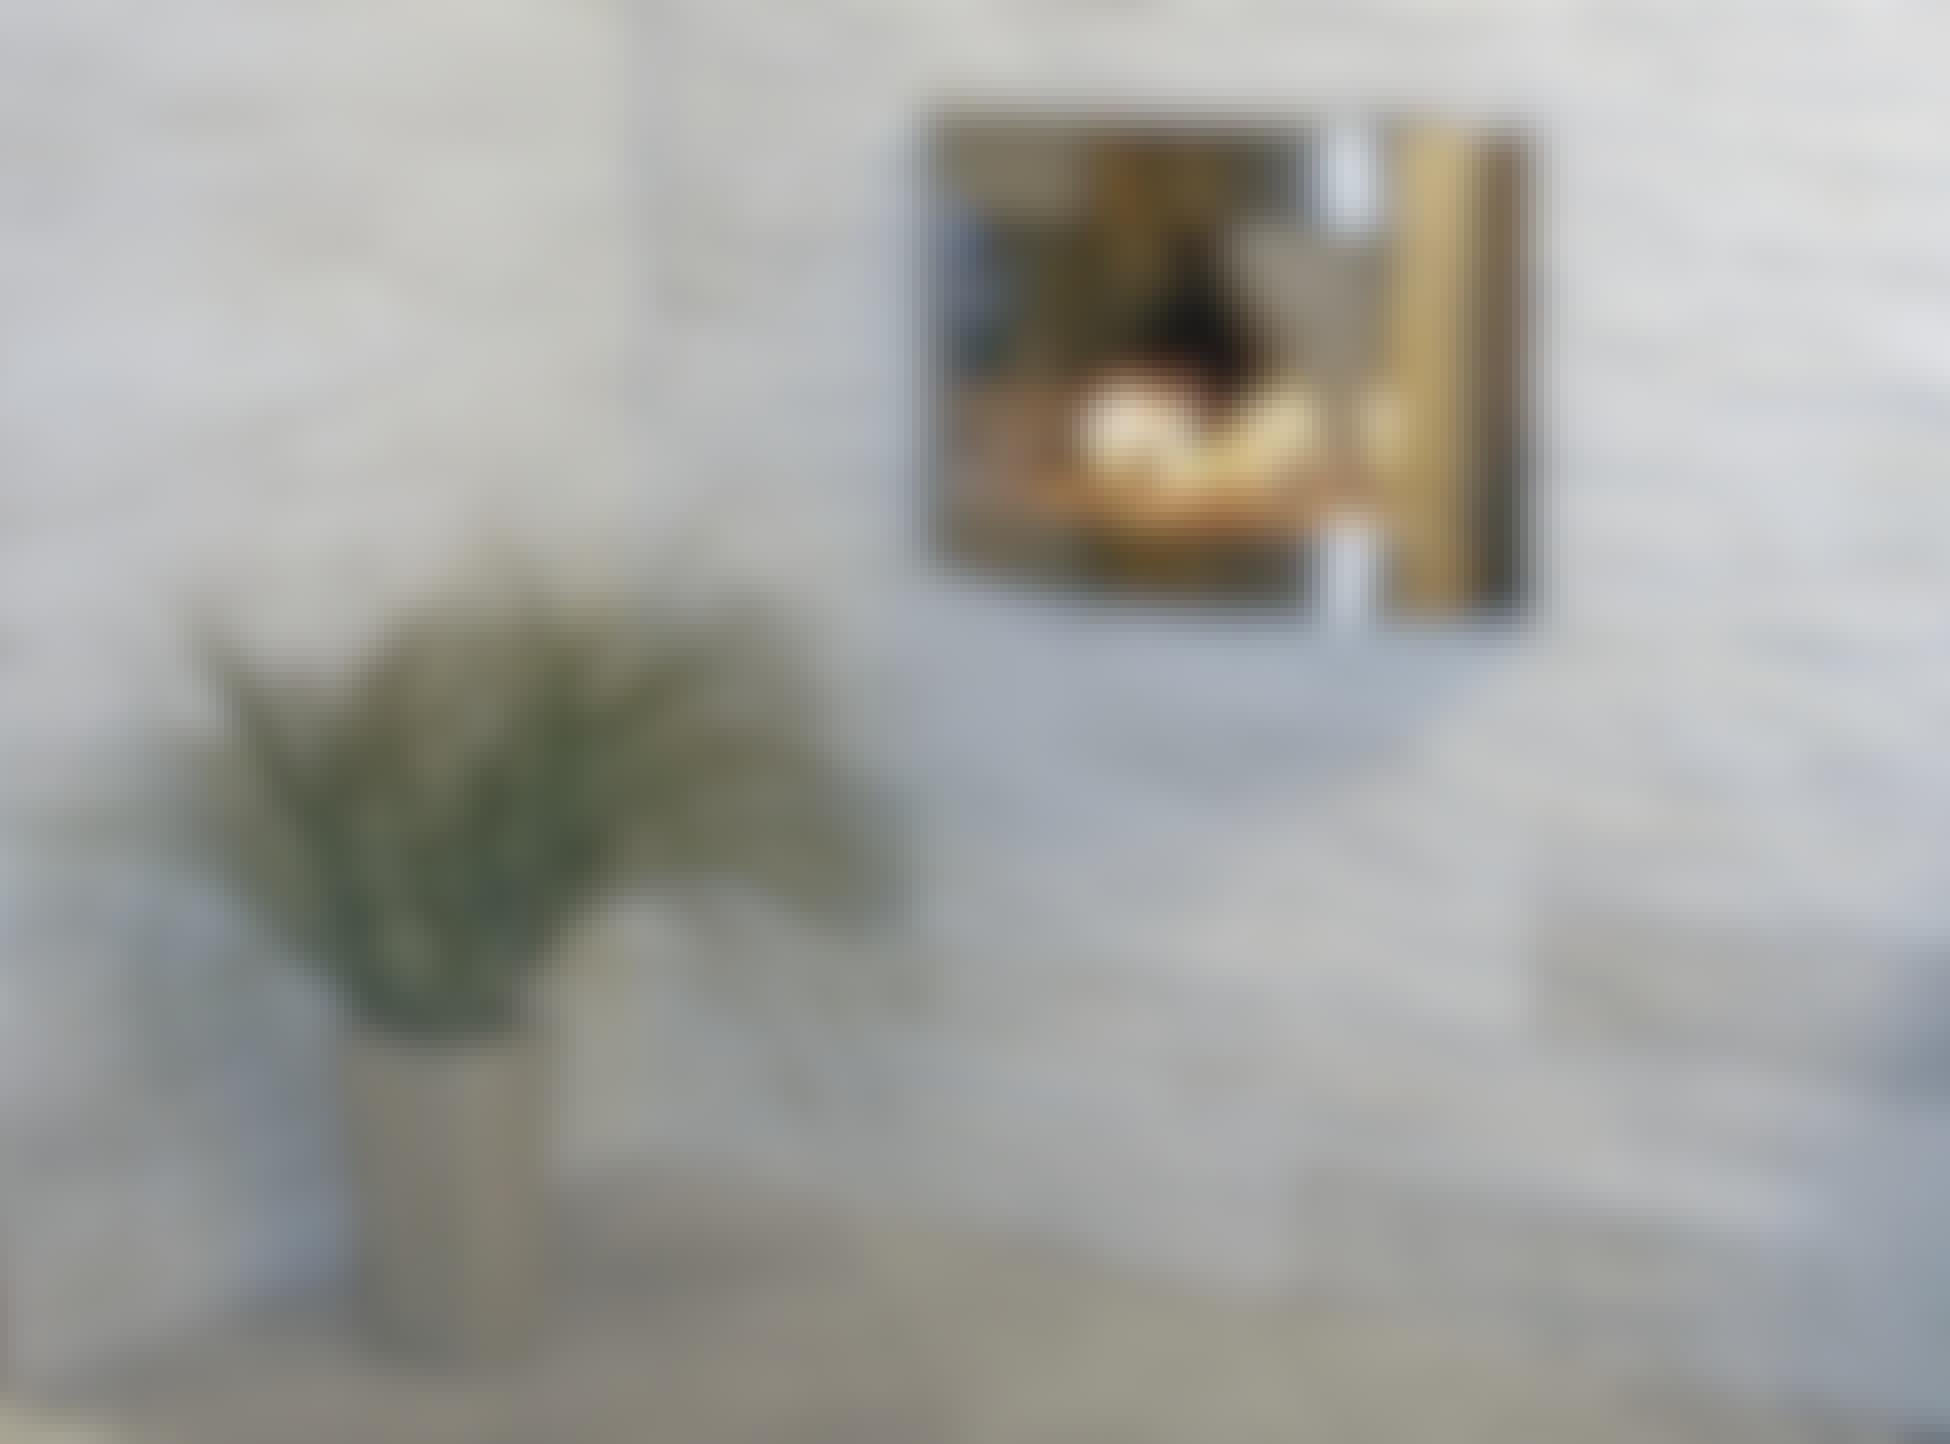 **NATURFLISER (HARDE)** Hard naturstein som granitt og skifer er robuste materialer, som også kan legges i rom med stor slitasje, og de er enkle å holde rene. Store fliser av skifer eller granitt har lenge vært brukt på gulv.